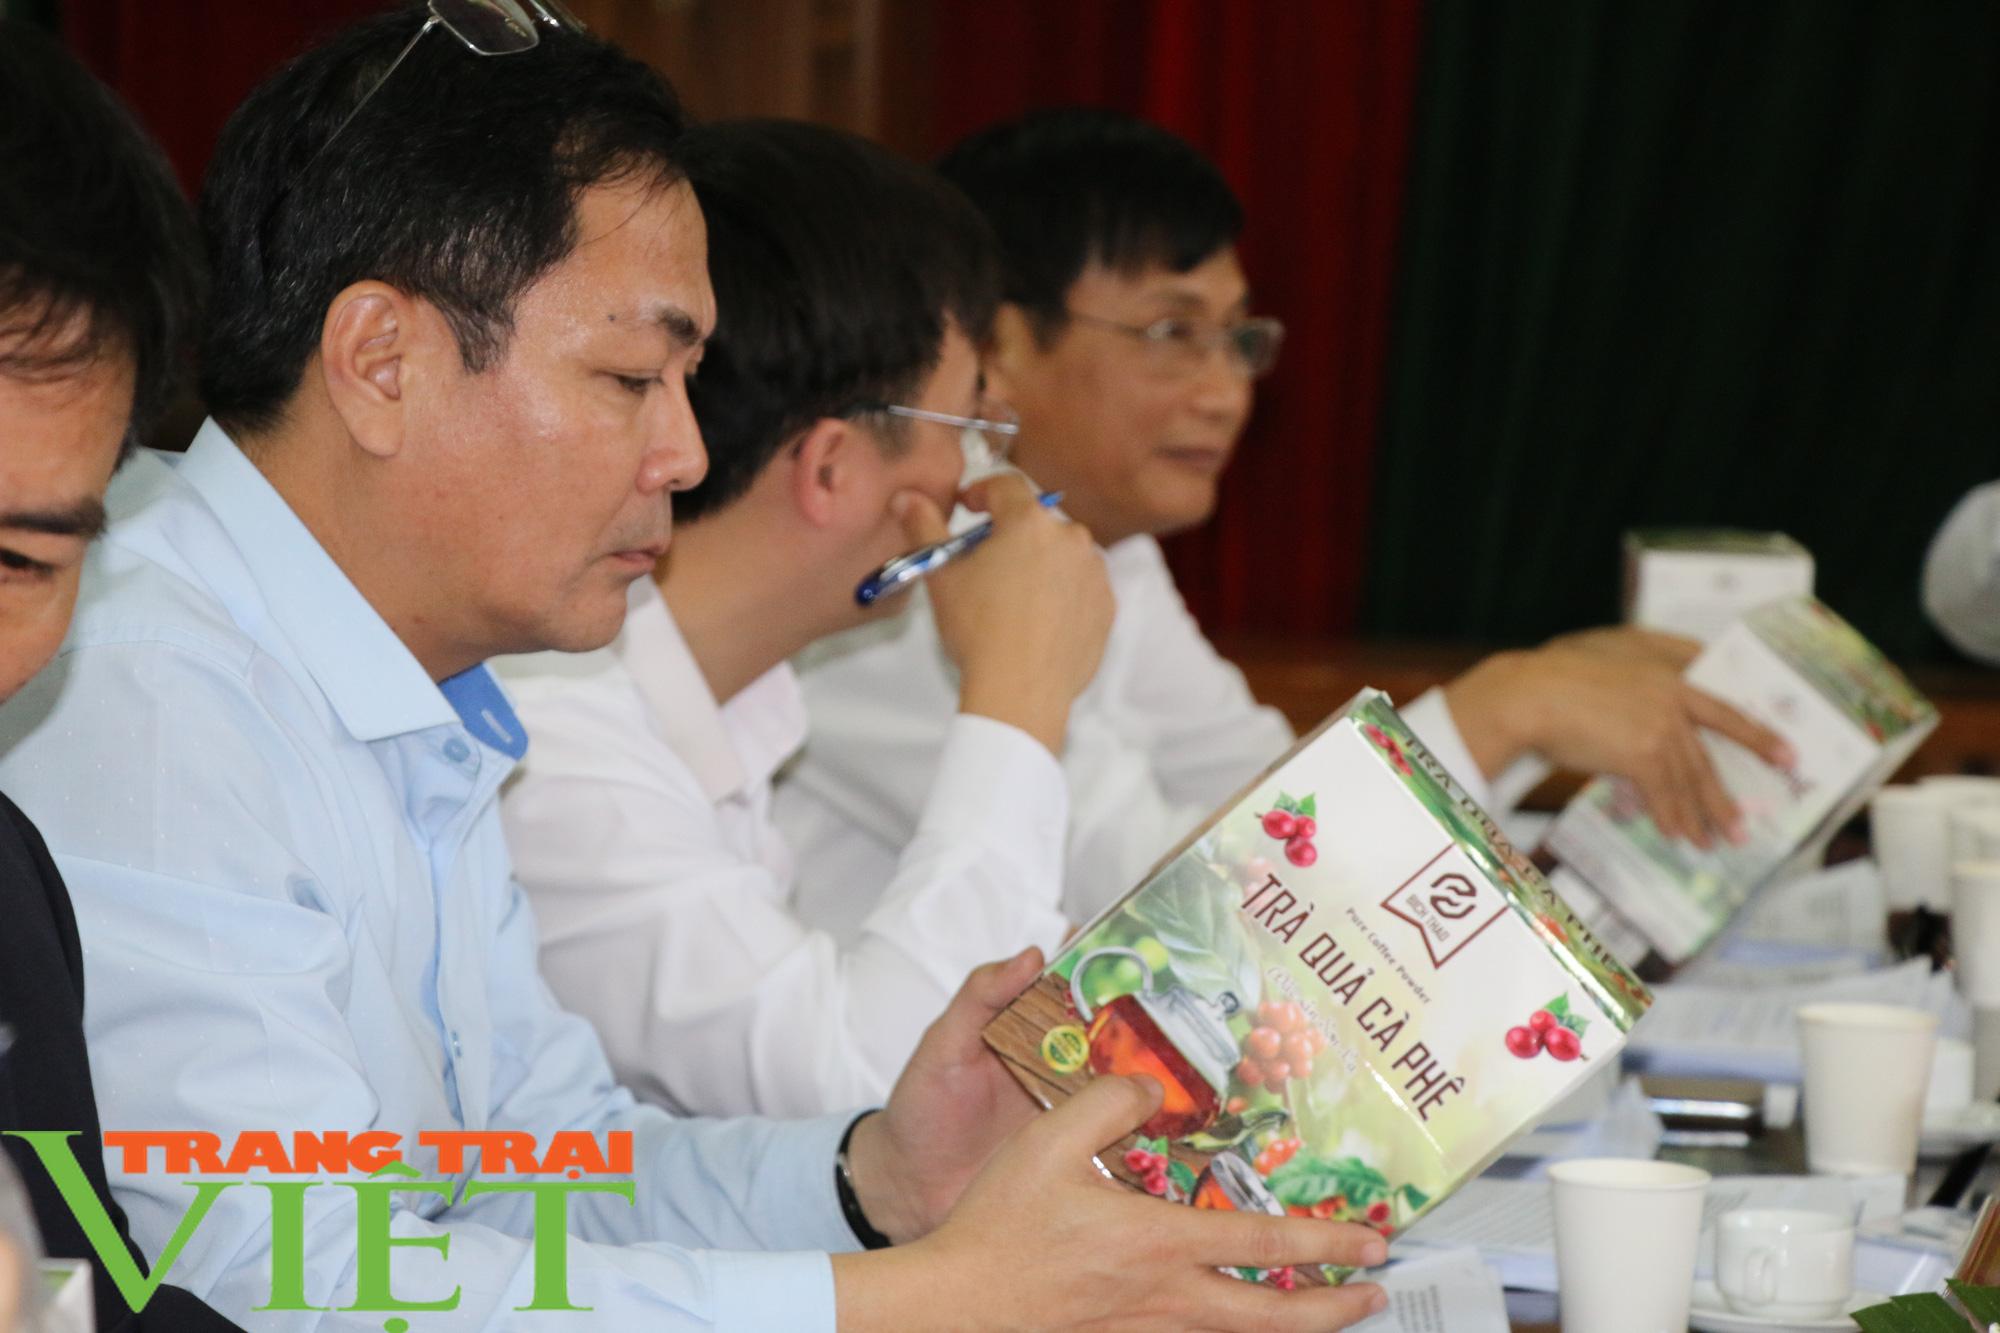 Sơn La: Có 28 sản phẩm đạt tiêu chuẩn OCOP cấp tỉnh năm 2019 - Ảnh 2.